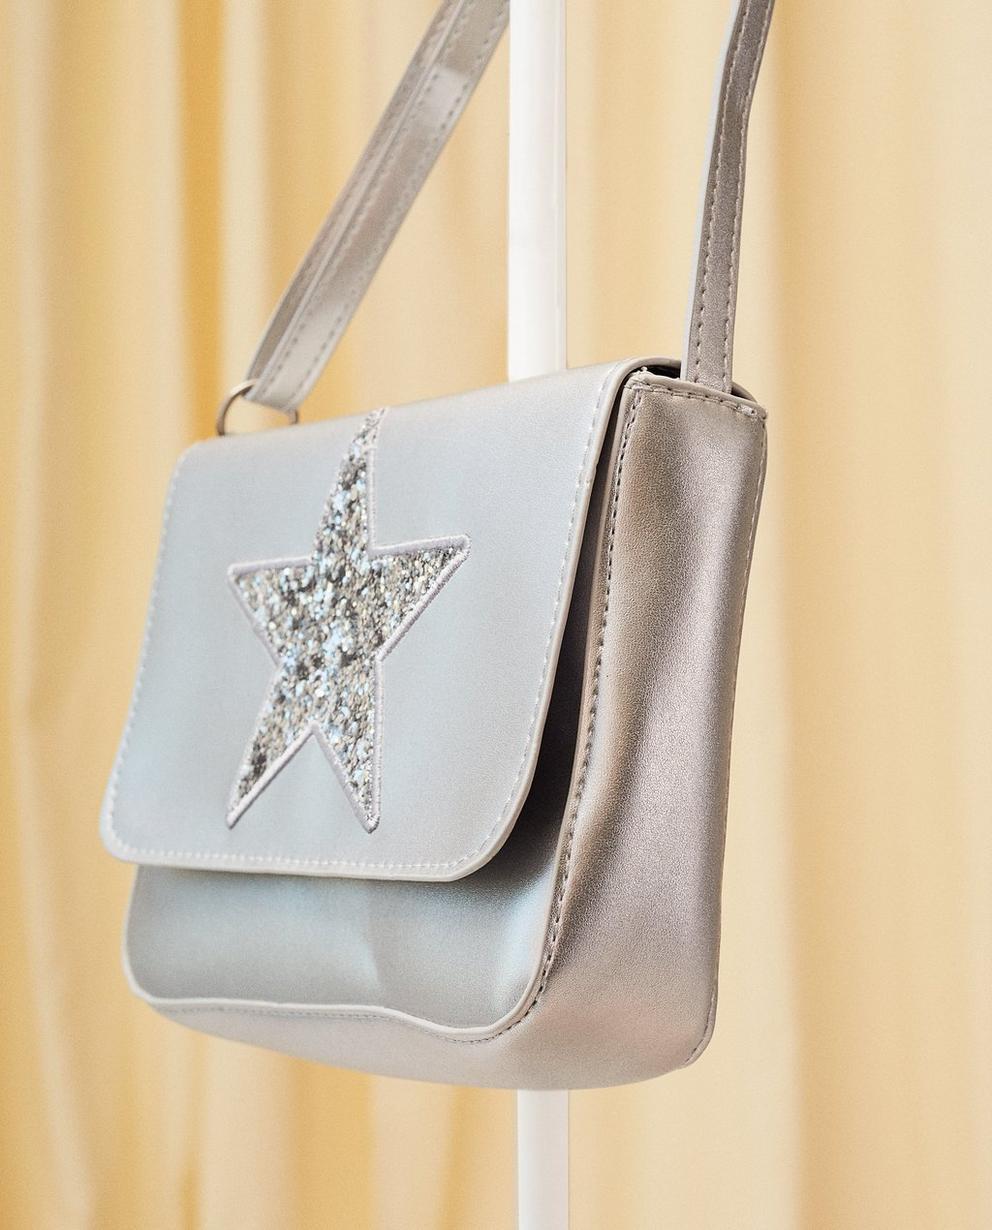 Handtaschen - Blassgrau - Metallic-Schultertasche